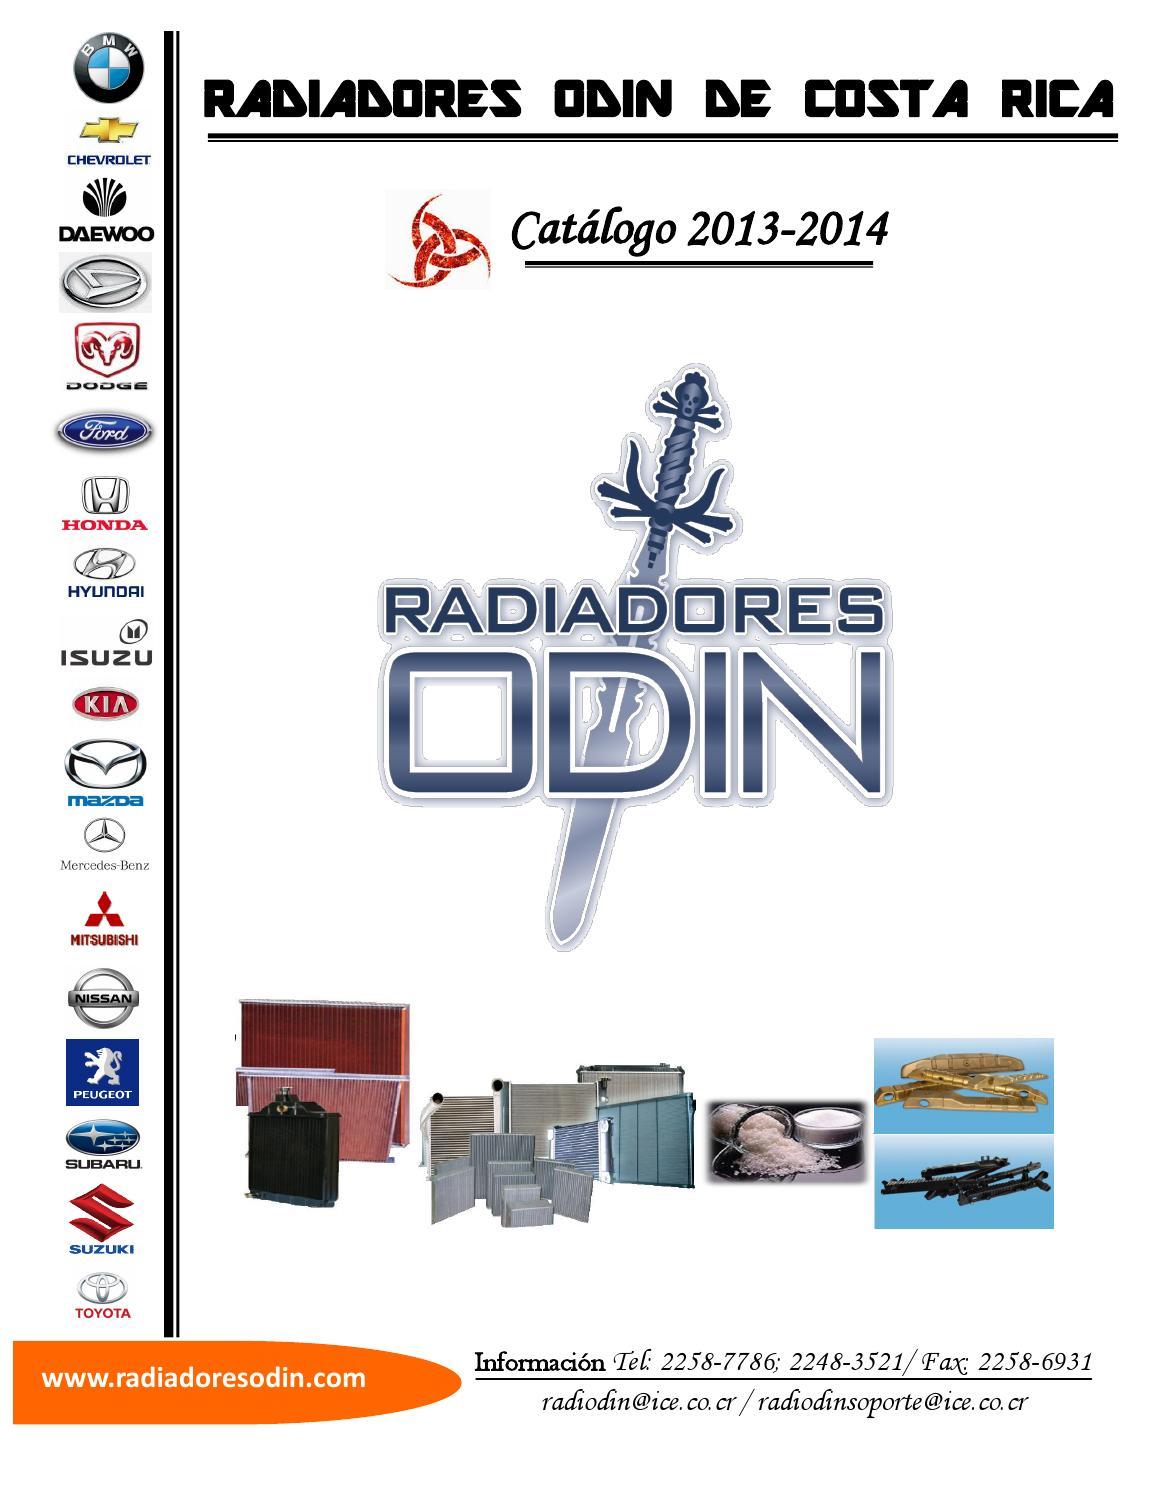 Catalogo radiadores 2014 costa rica by alex trejos issuu for Catalogo de radiadores